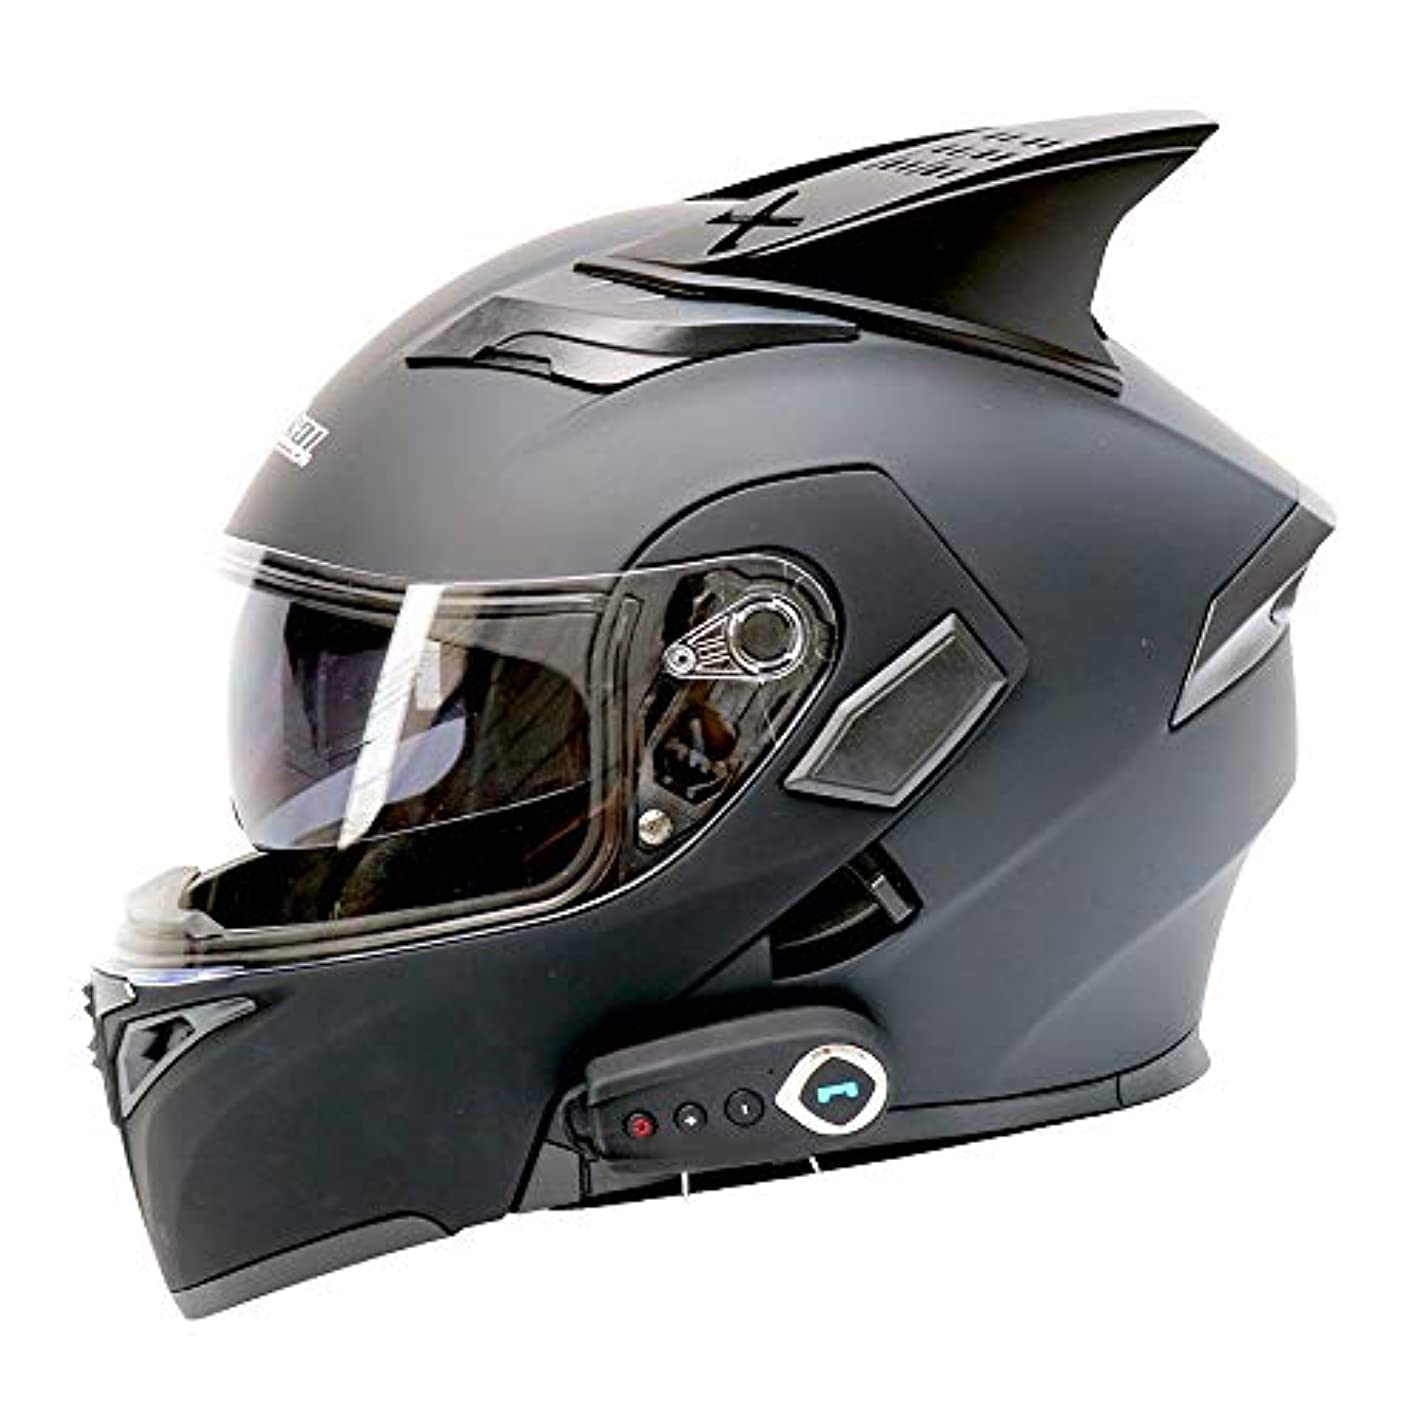 クライアントシェルピースHYH 電動オートバイブルートゥースヘルメットブルートゥースオートバイフルフェイスヘルメットダブルレンズオープンフェイスヘルメットフルフェイスヘルメット付きFMベルトホーン - ABS素材 - マットブラック - ラージ いい人生 (Size : L)